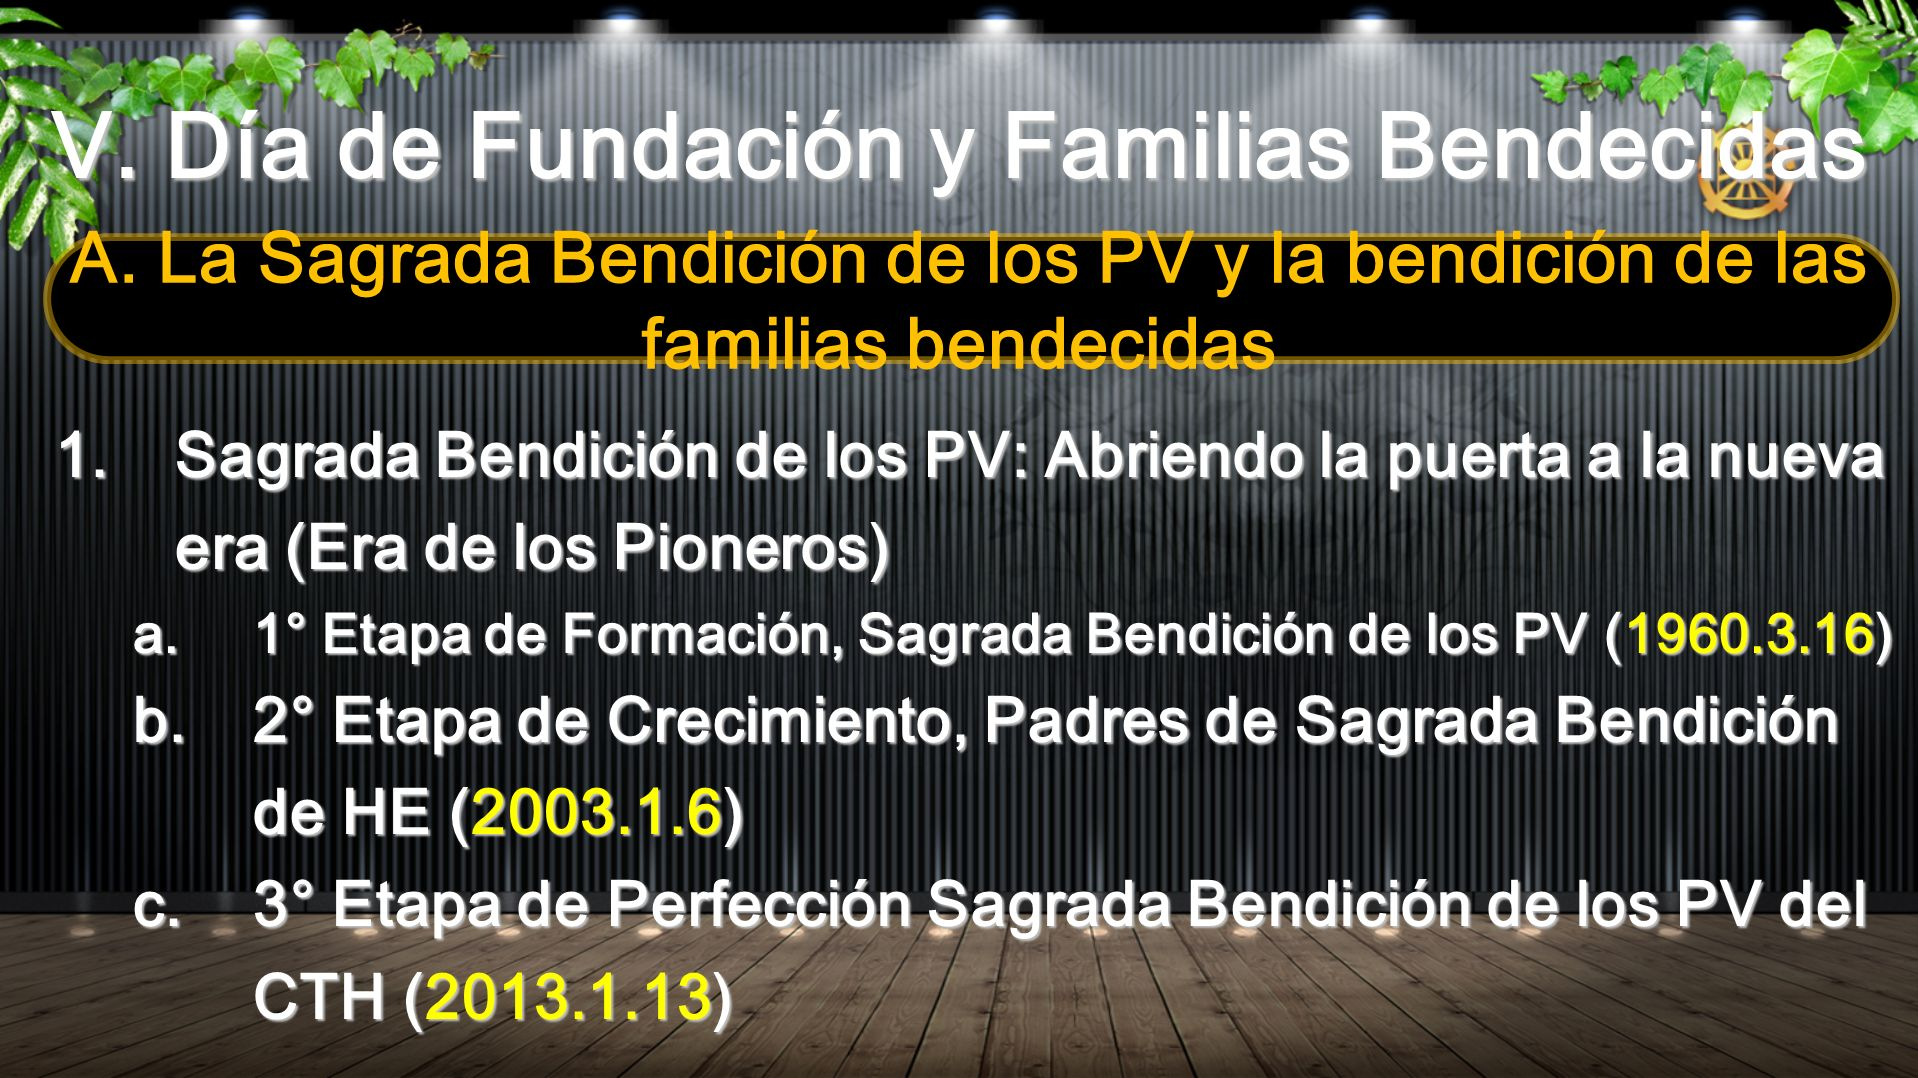 V. Día de Fundación y Familias Bendecidas